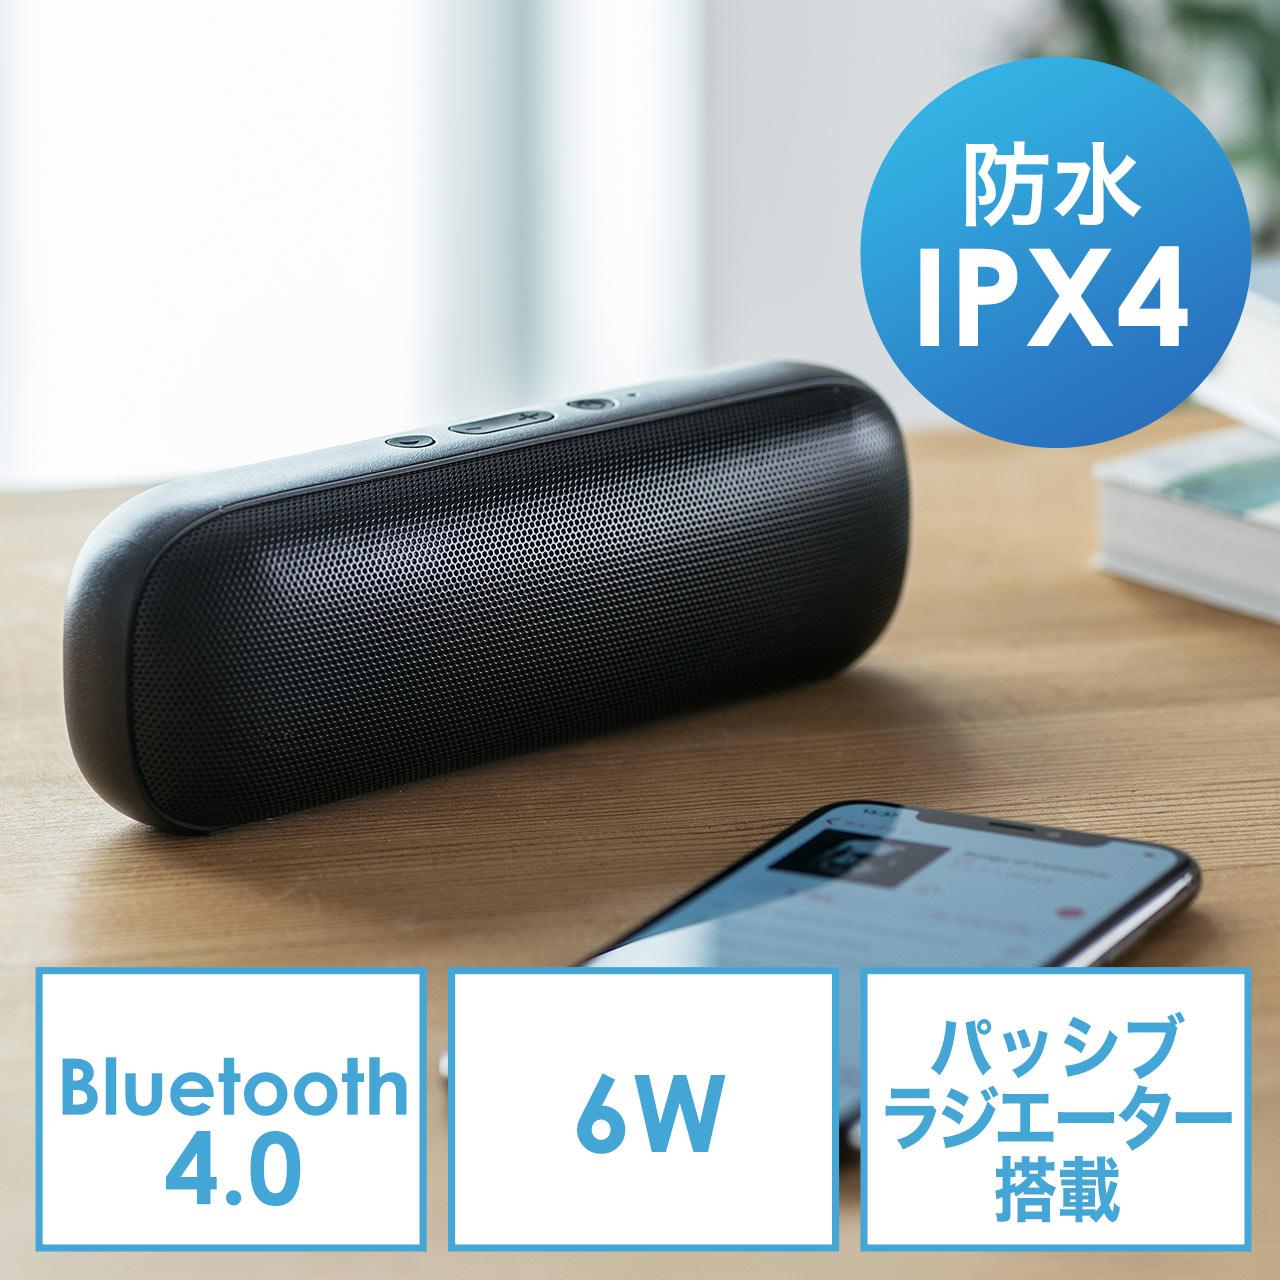 日本SANWA山业蓝牙音箱 防水Bluetooth4.0 迷你小音响便携手机电脑低音炮家用办公车载大音量小型随身播放器